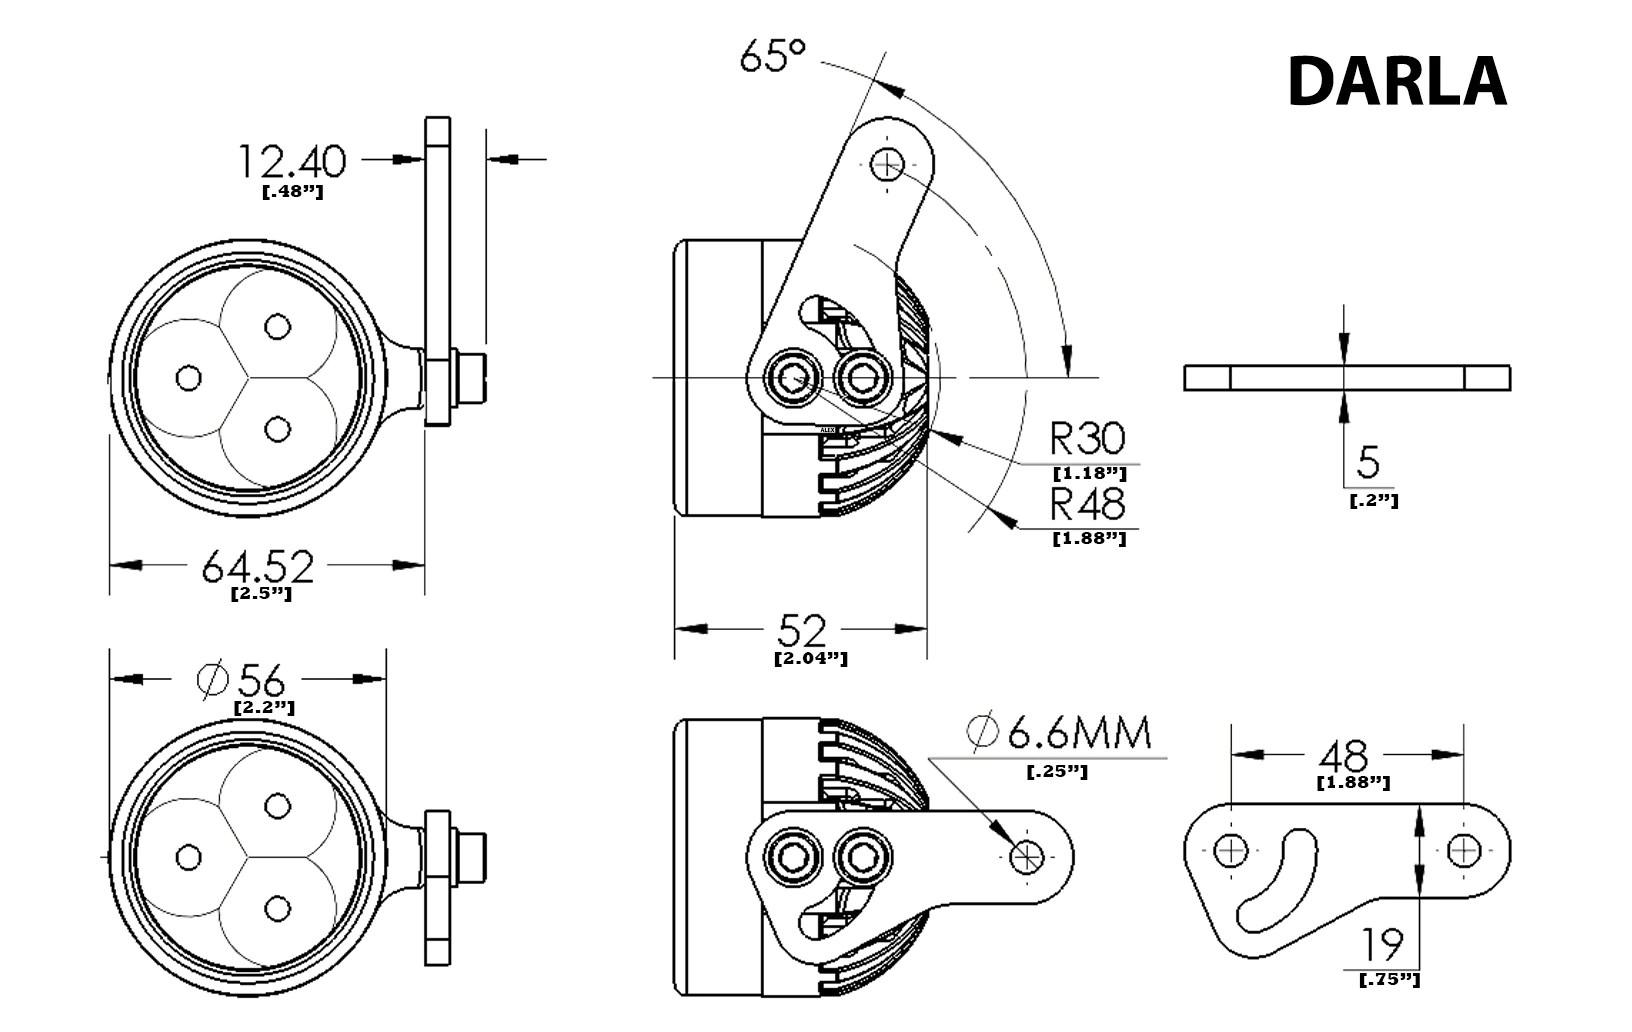 ktm 1190 adventure wiring diagram [ 1632 x 1032 Pixel ]